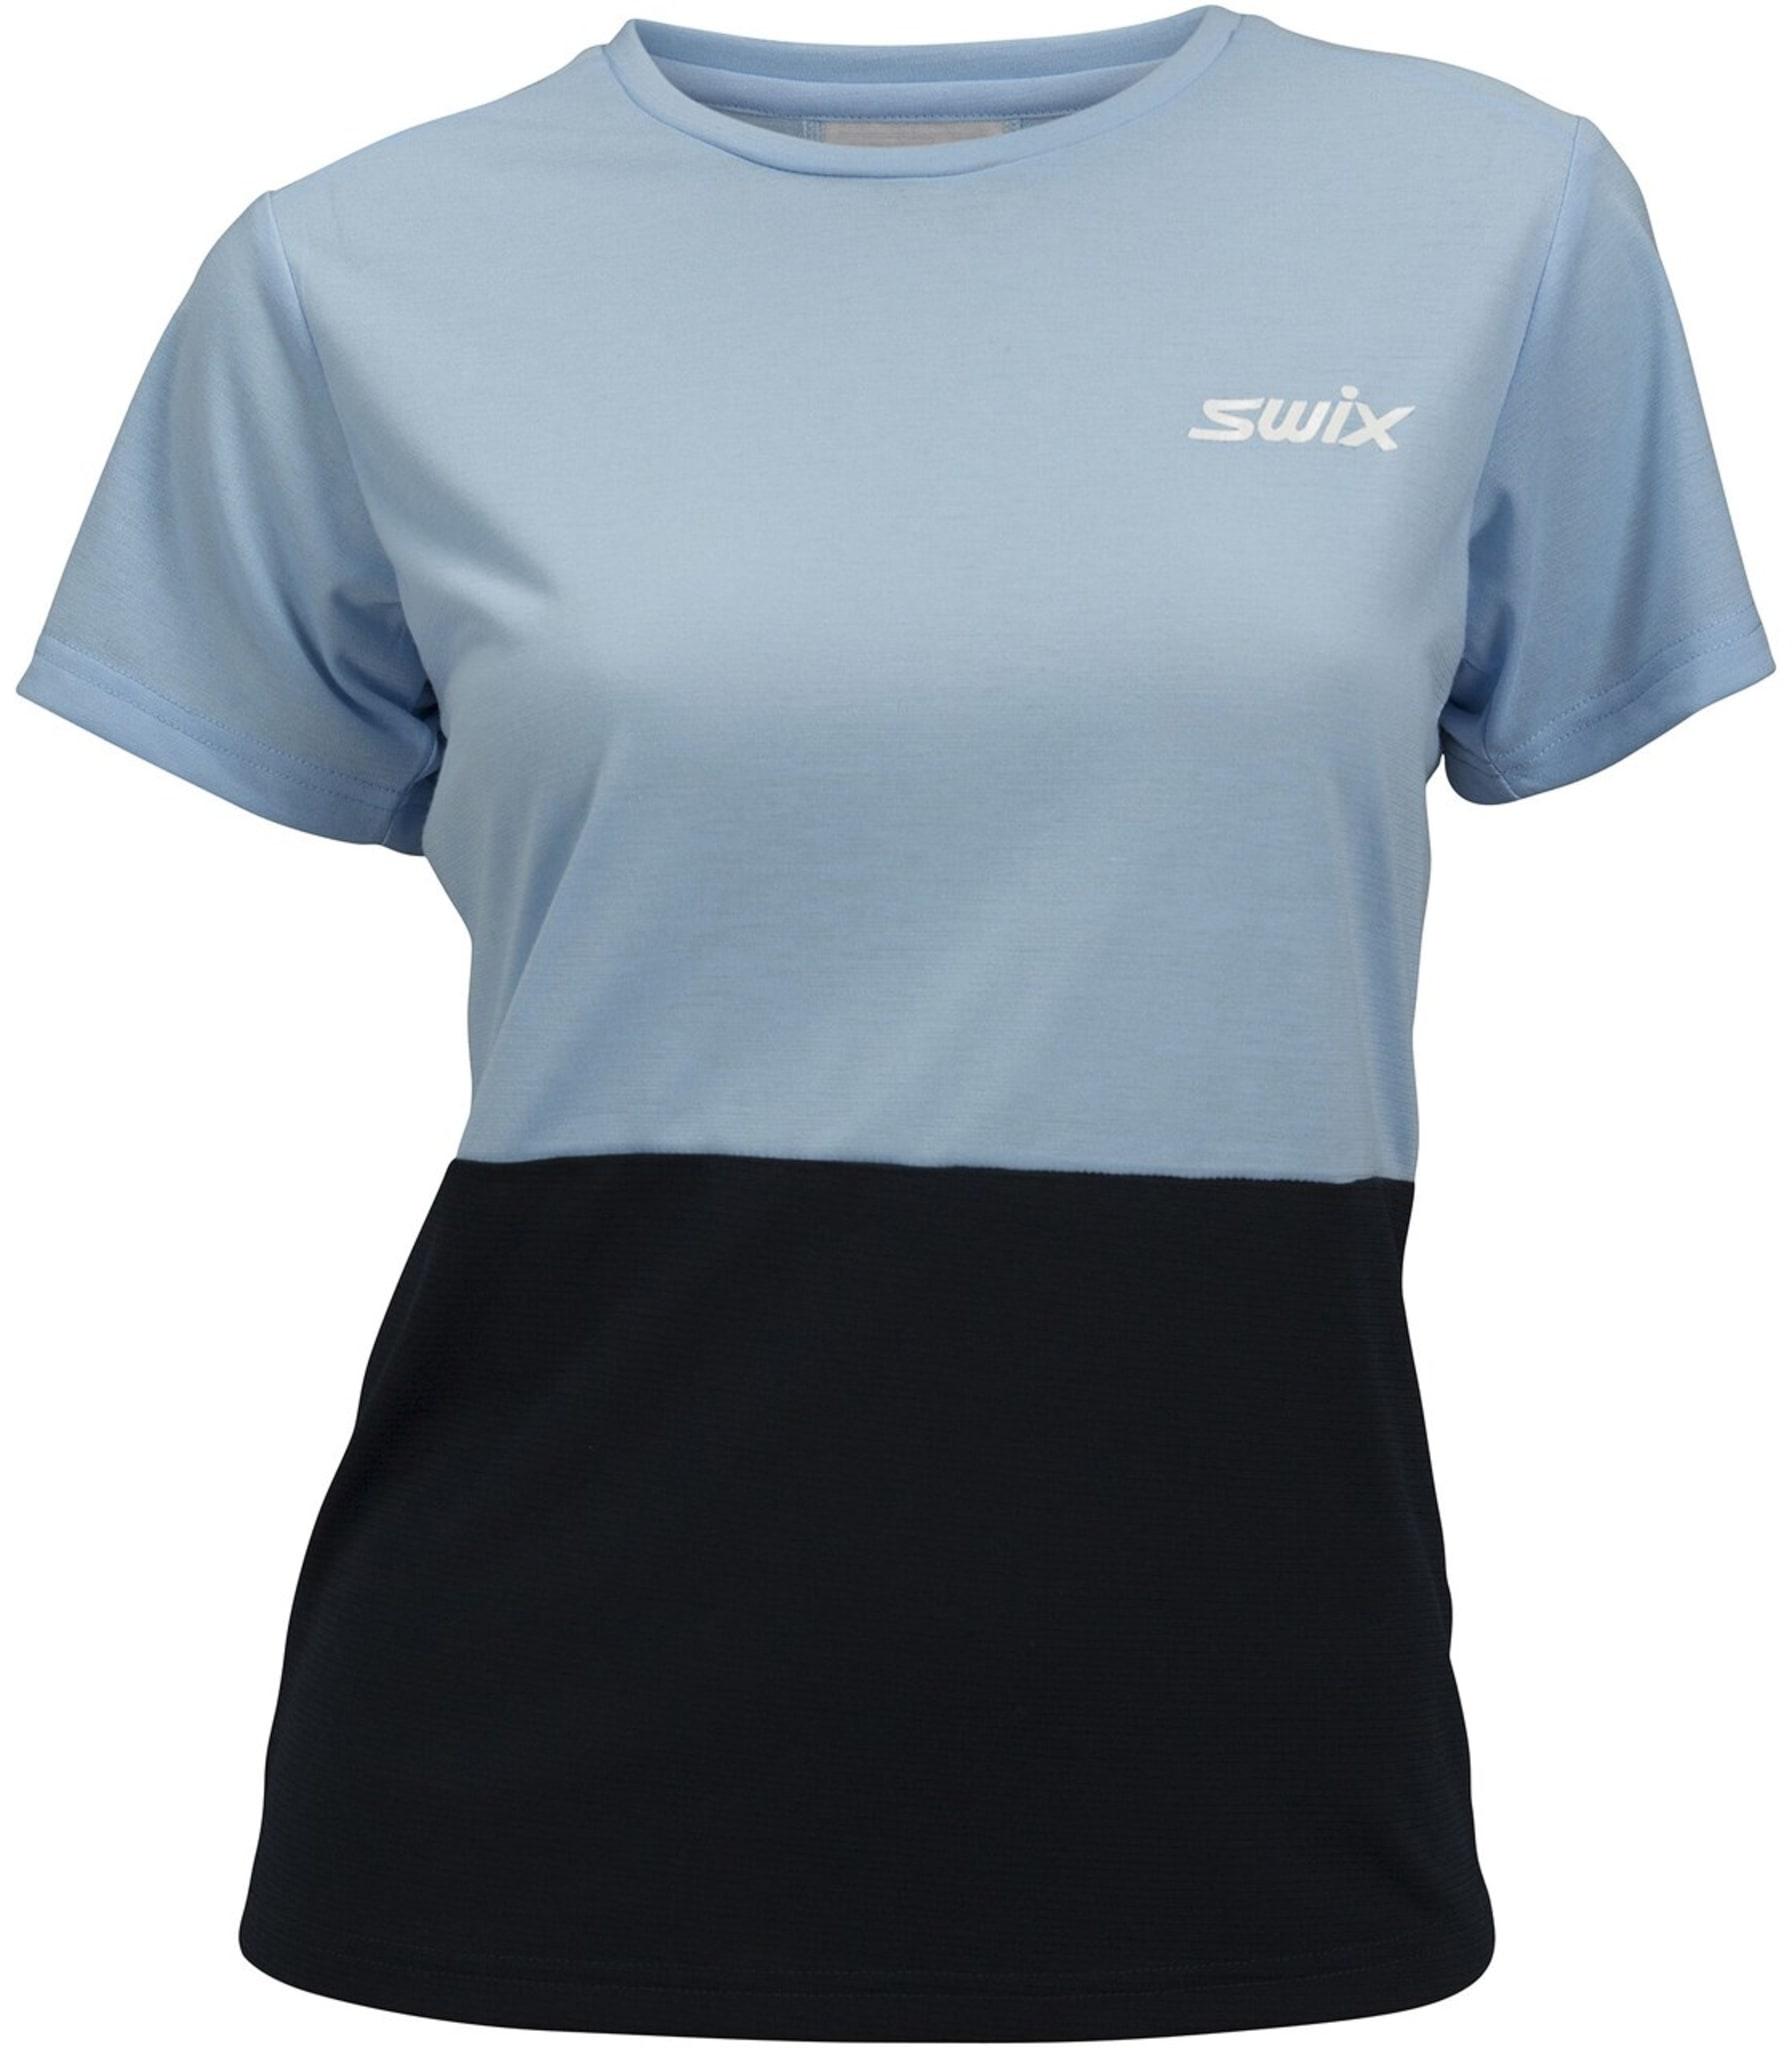 Motion Sport t-shirt er en lett, komfortabel T-skjorte til variert trening, og fritid.